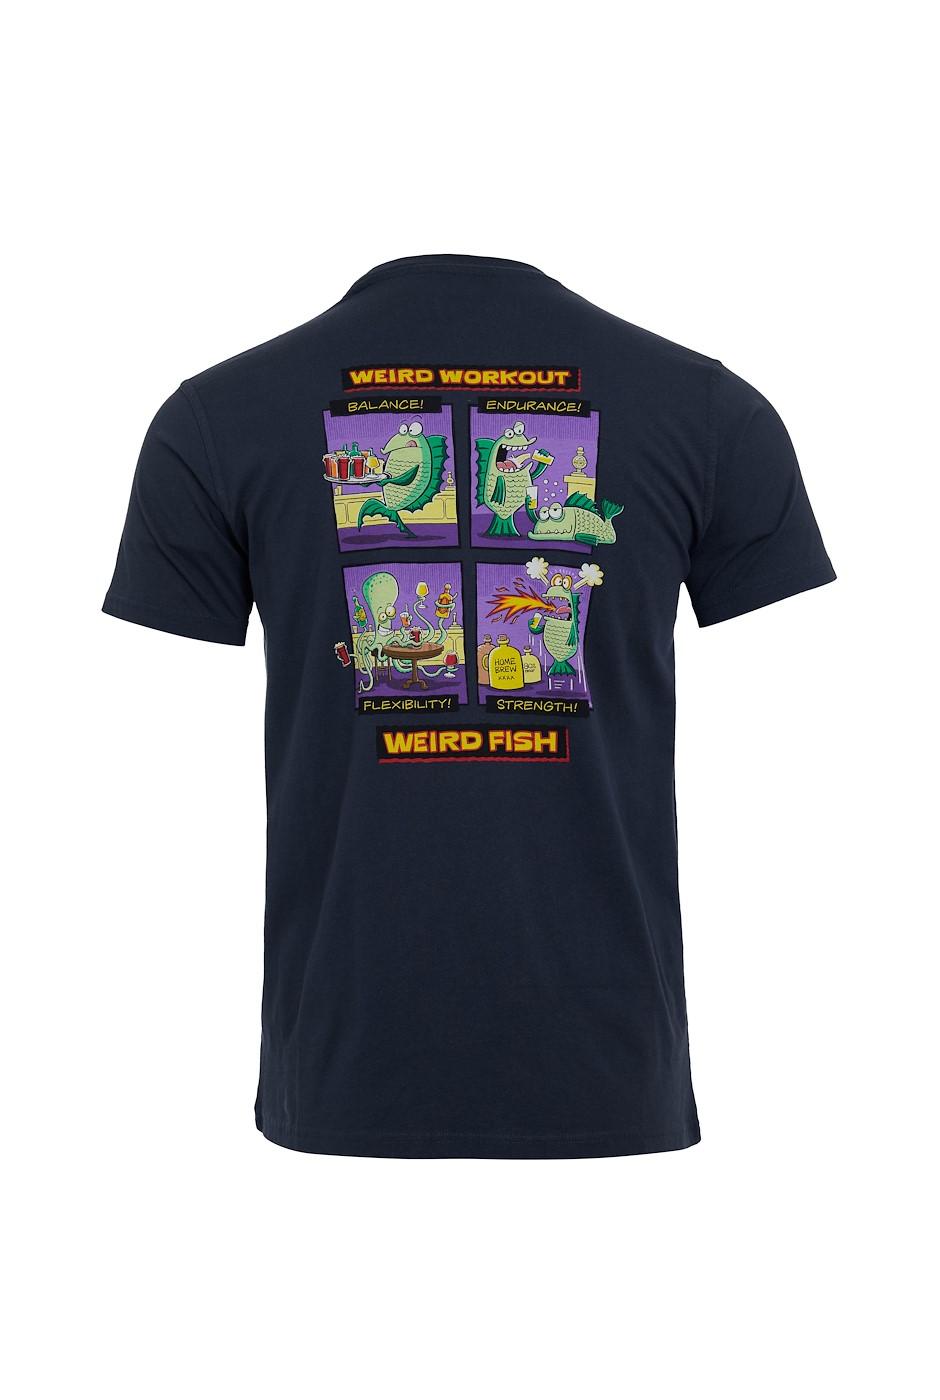 Weird Workout Organic Cotton Artist T-Shirt Navy